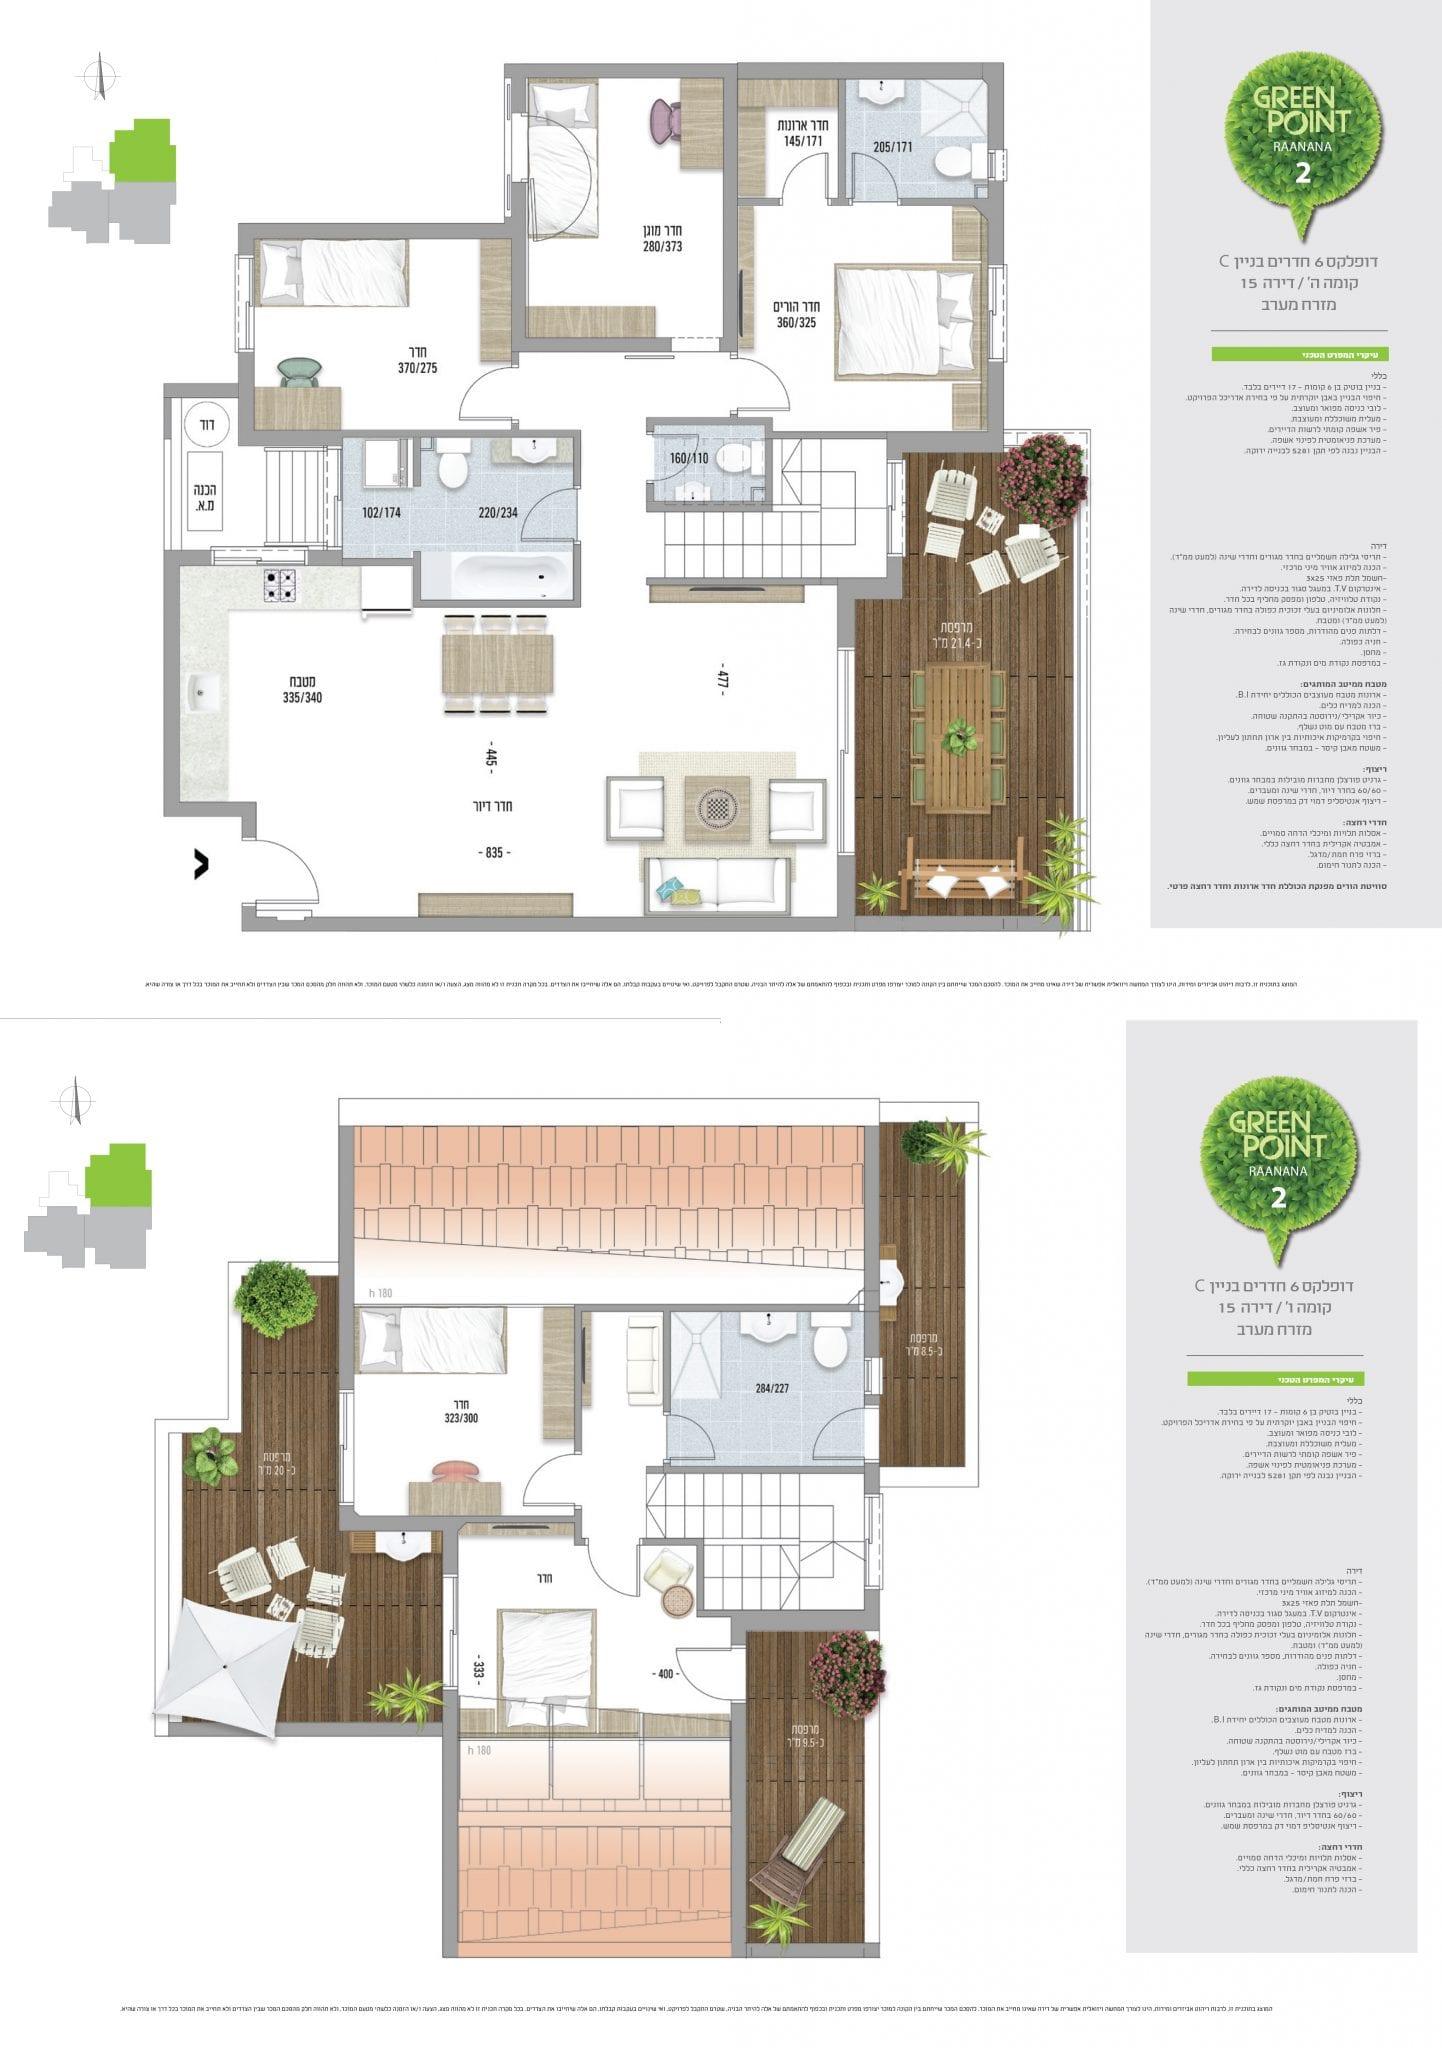 דופלקס 6 חדרים, קומה 5-6: מספר 15